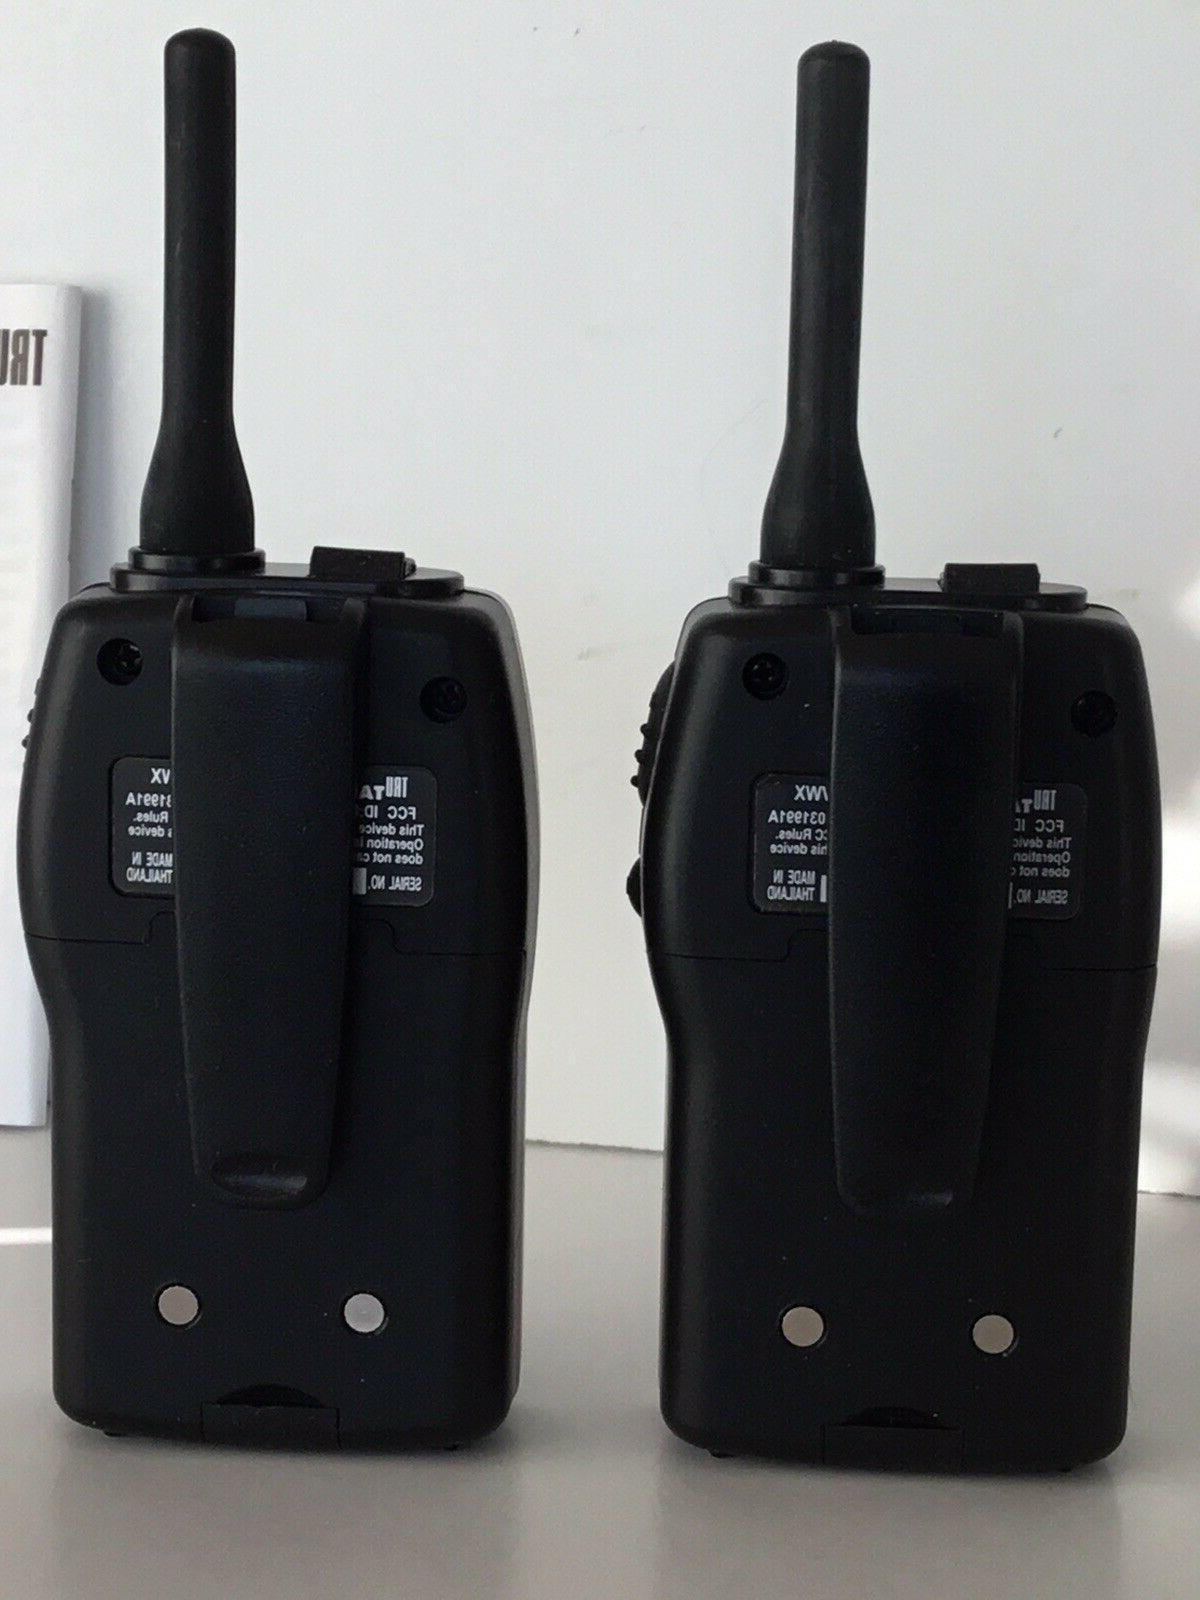 MINI WALKIE TALKIES - Maxon 2-Way 2 Range Channels